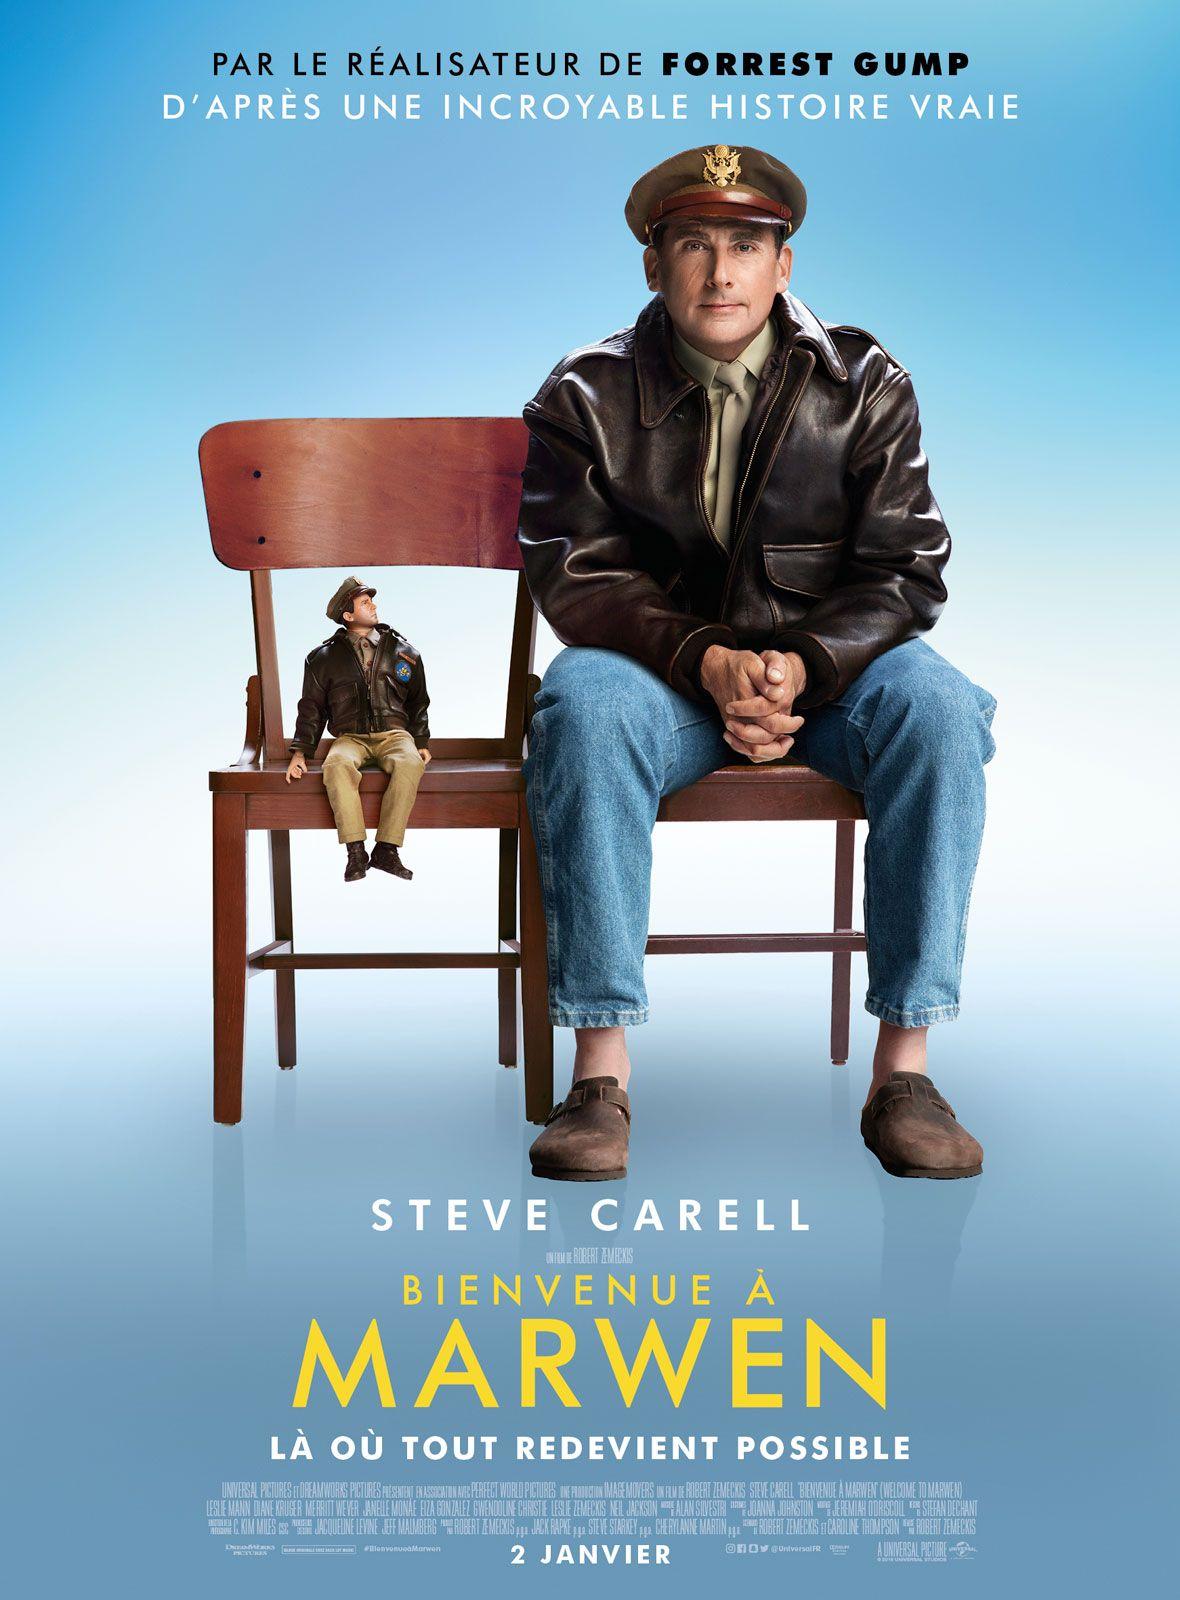 Bienvenue à Marwen film 2018 AlloCiné Films complets